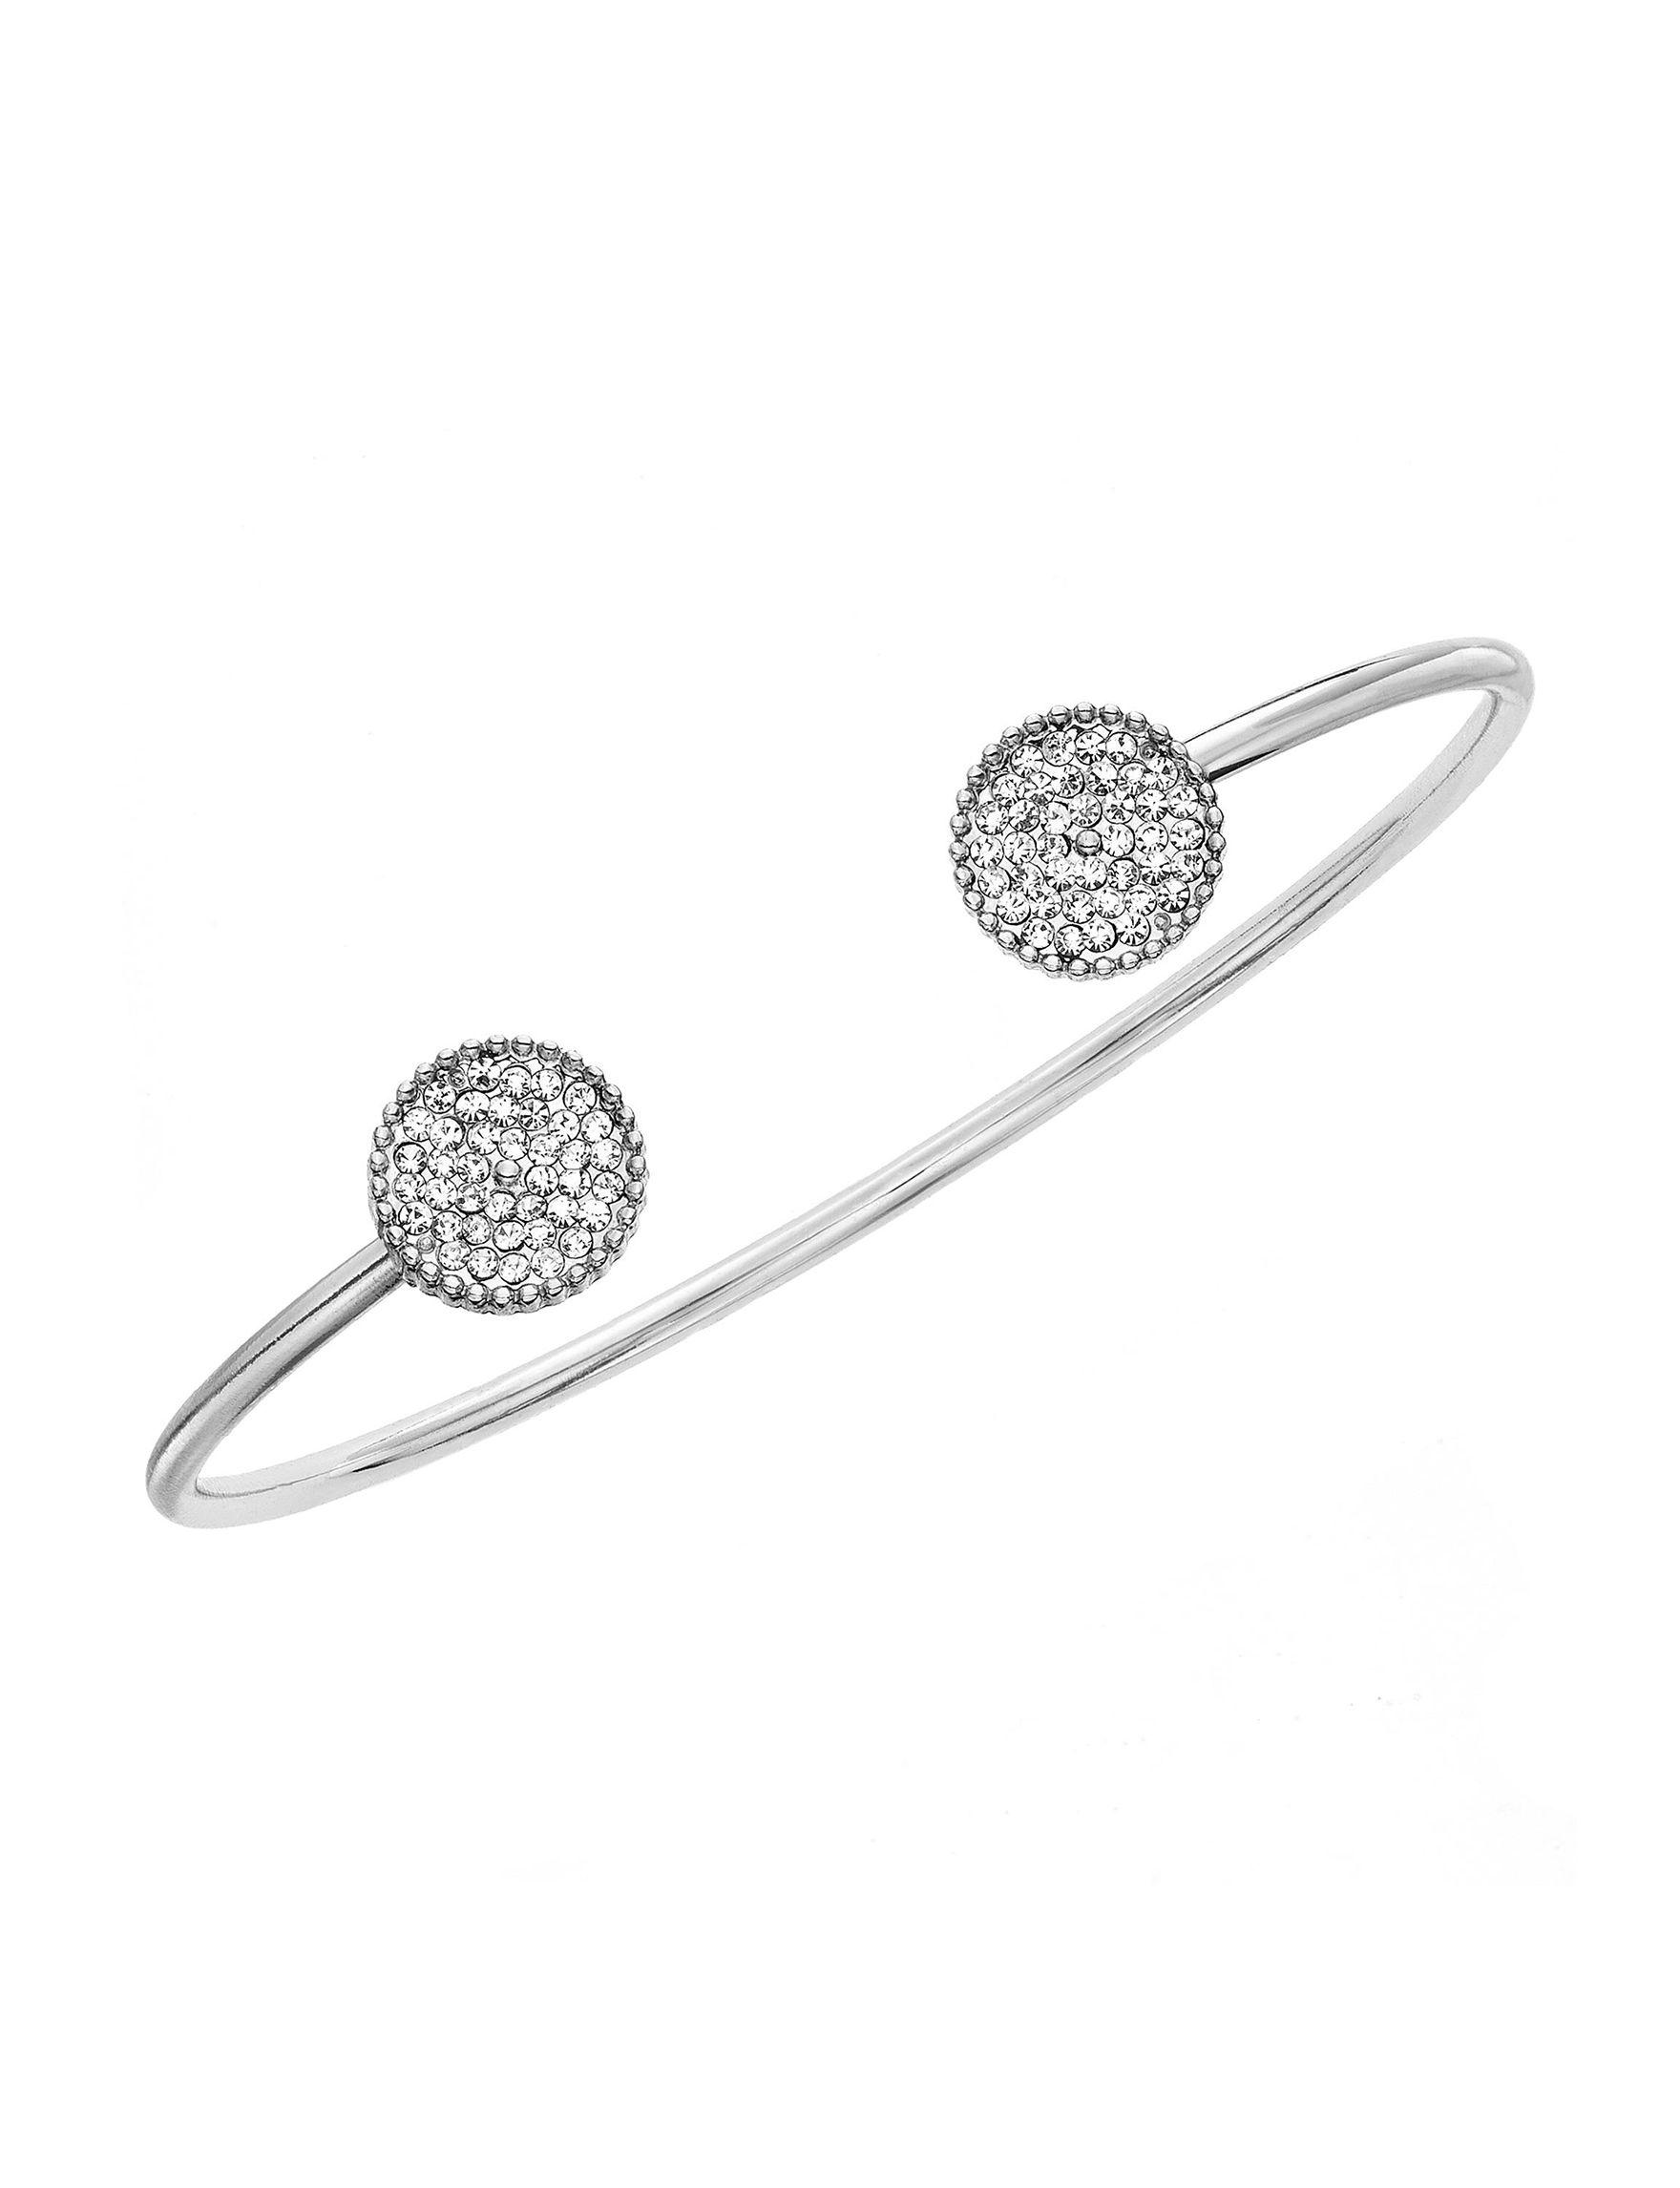 5th & Luxe Silver Bracelets Fine Jewelry